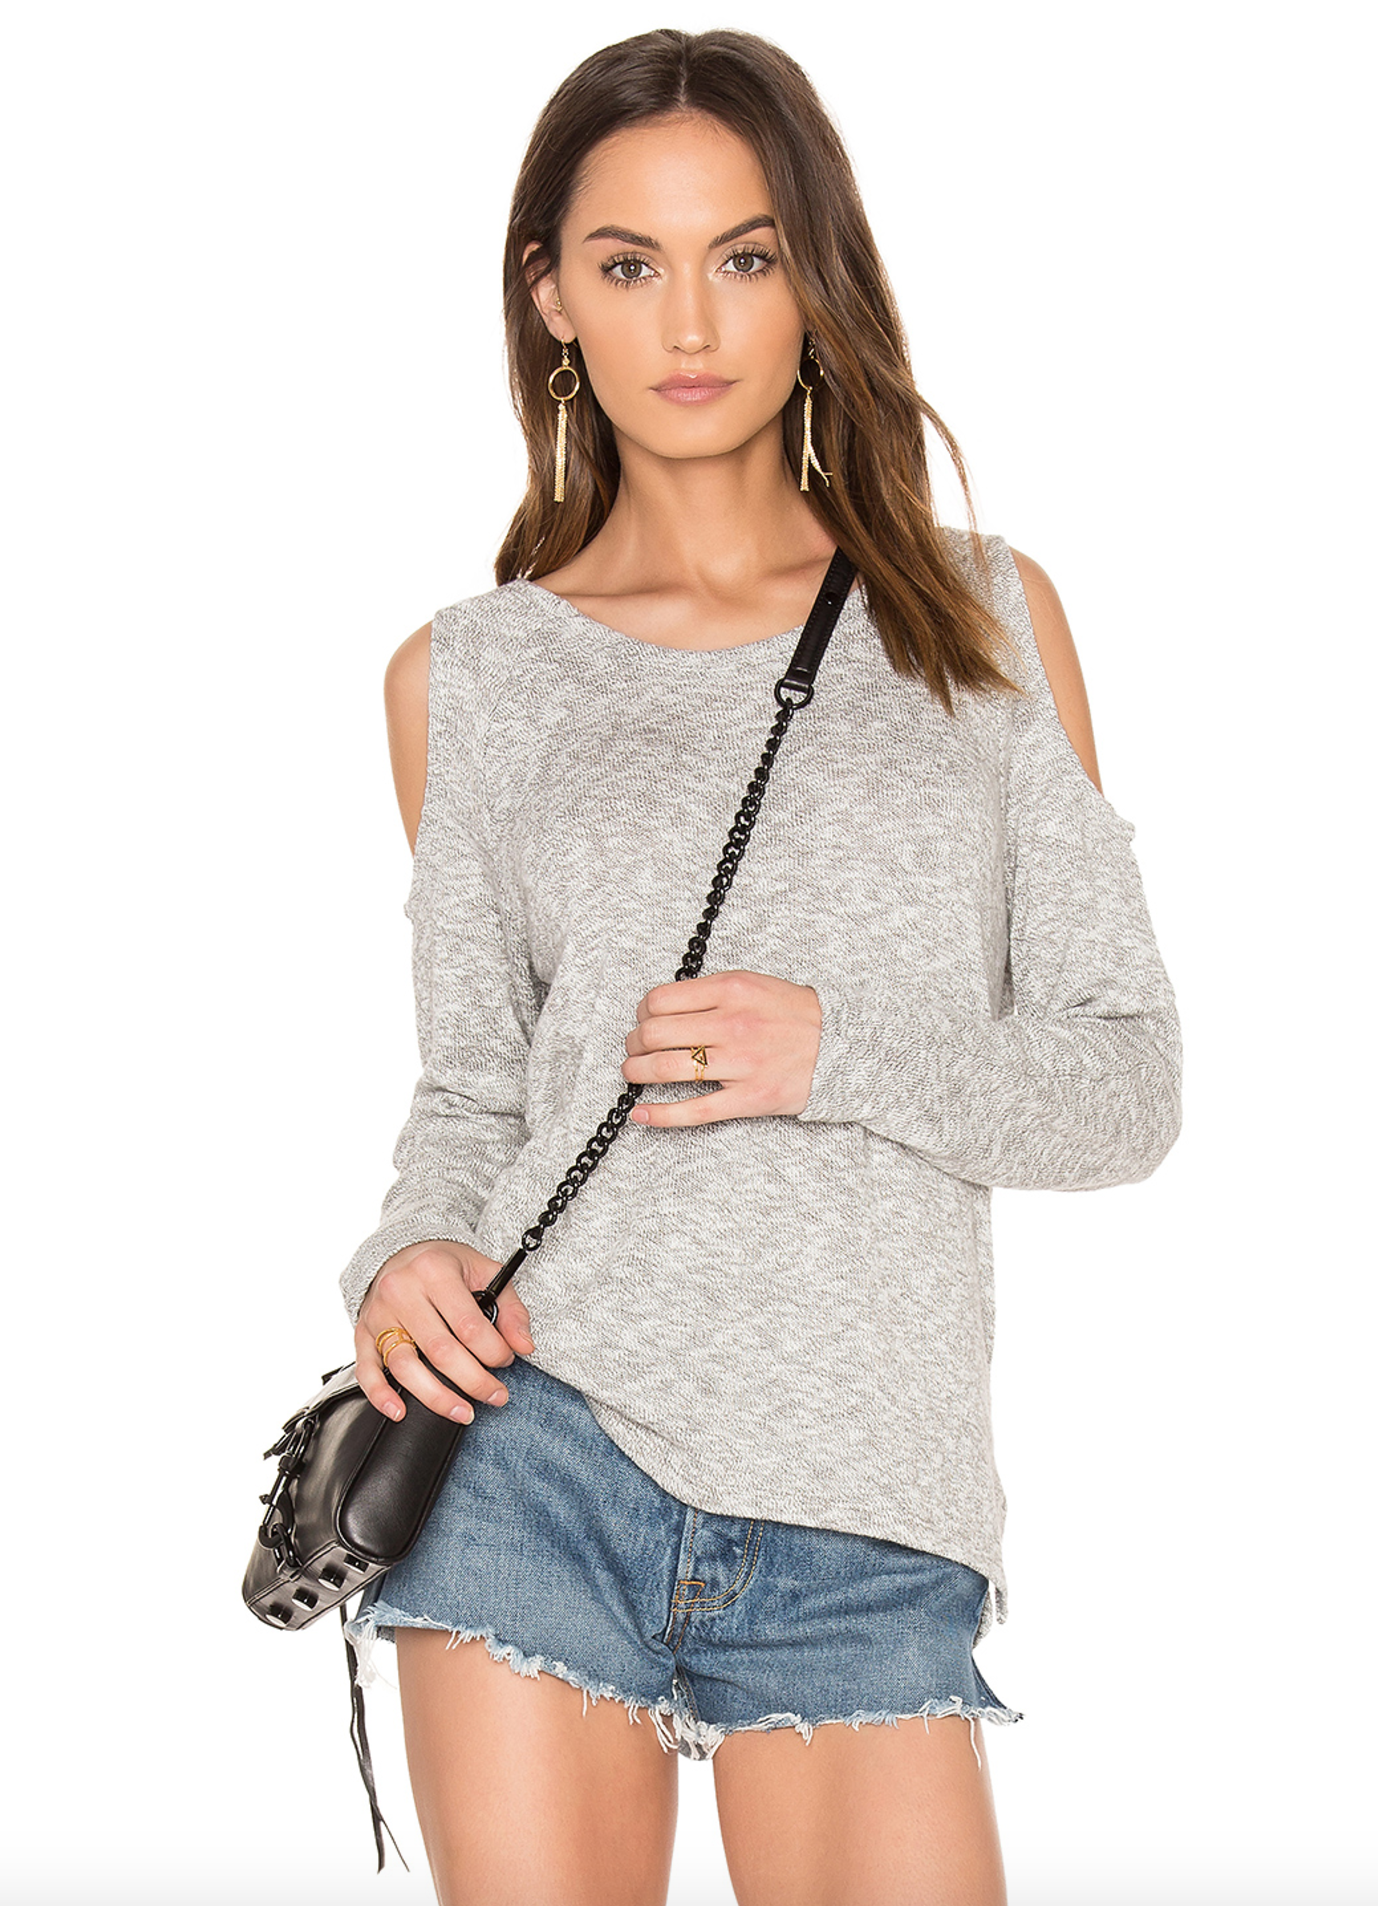 Bobi marled knit cold shoulder $85.35